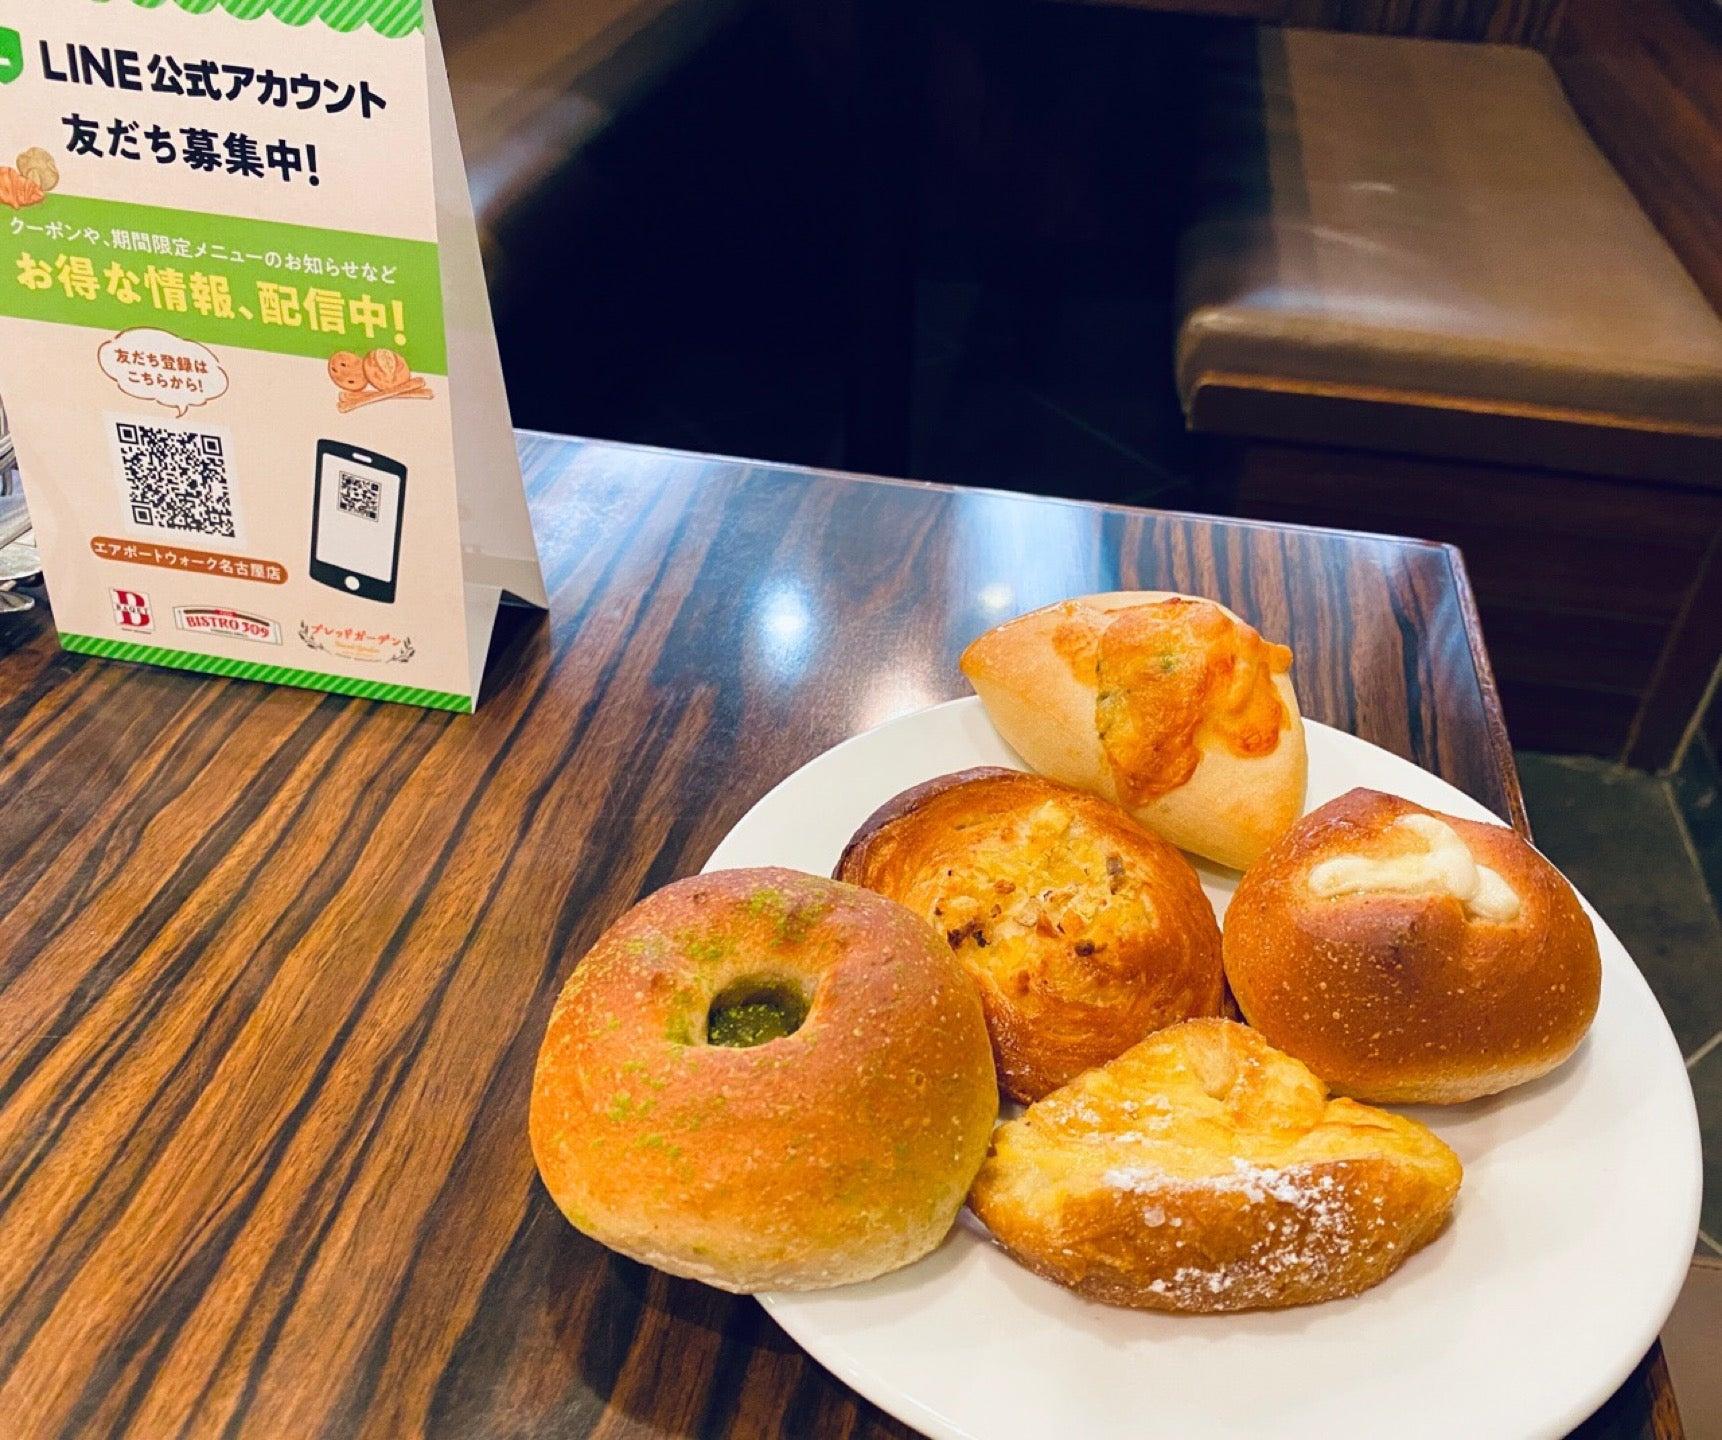 パン食べ放題セットを頼んでしまう( ´▽`) (@ BAQET エアポートウォーク店 in 豊山町, 愛知県) https://t.co/syVRSeLCbI https://t.co/66SeRYGvf2